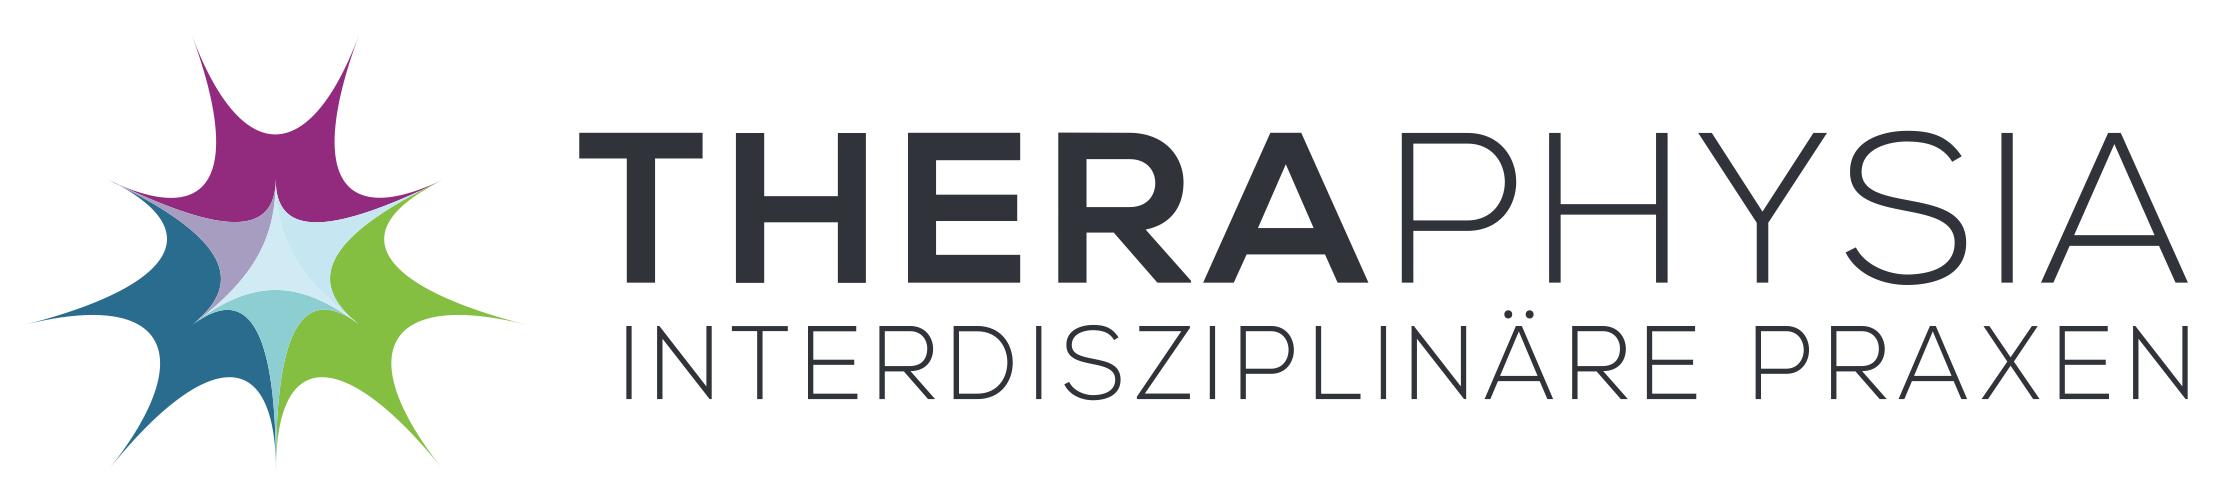 Theraphysia.de